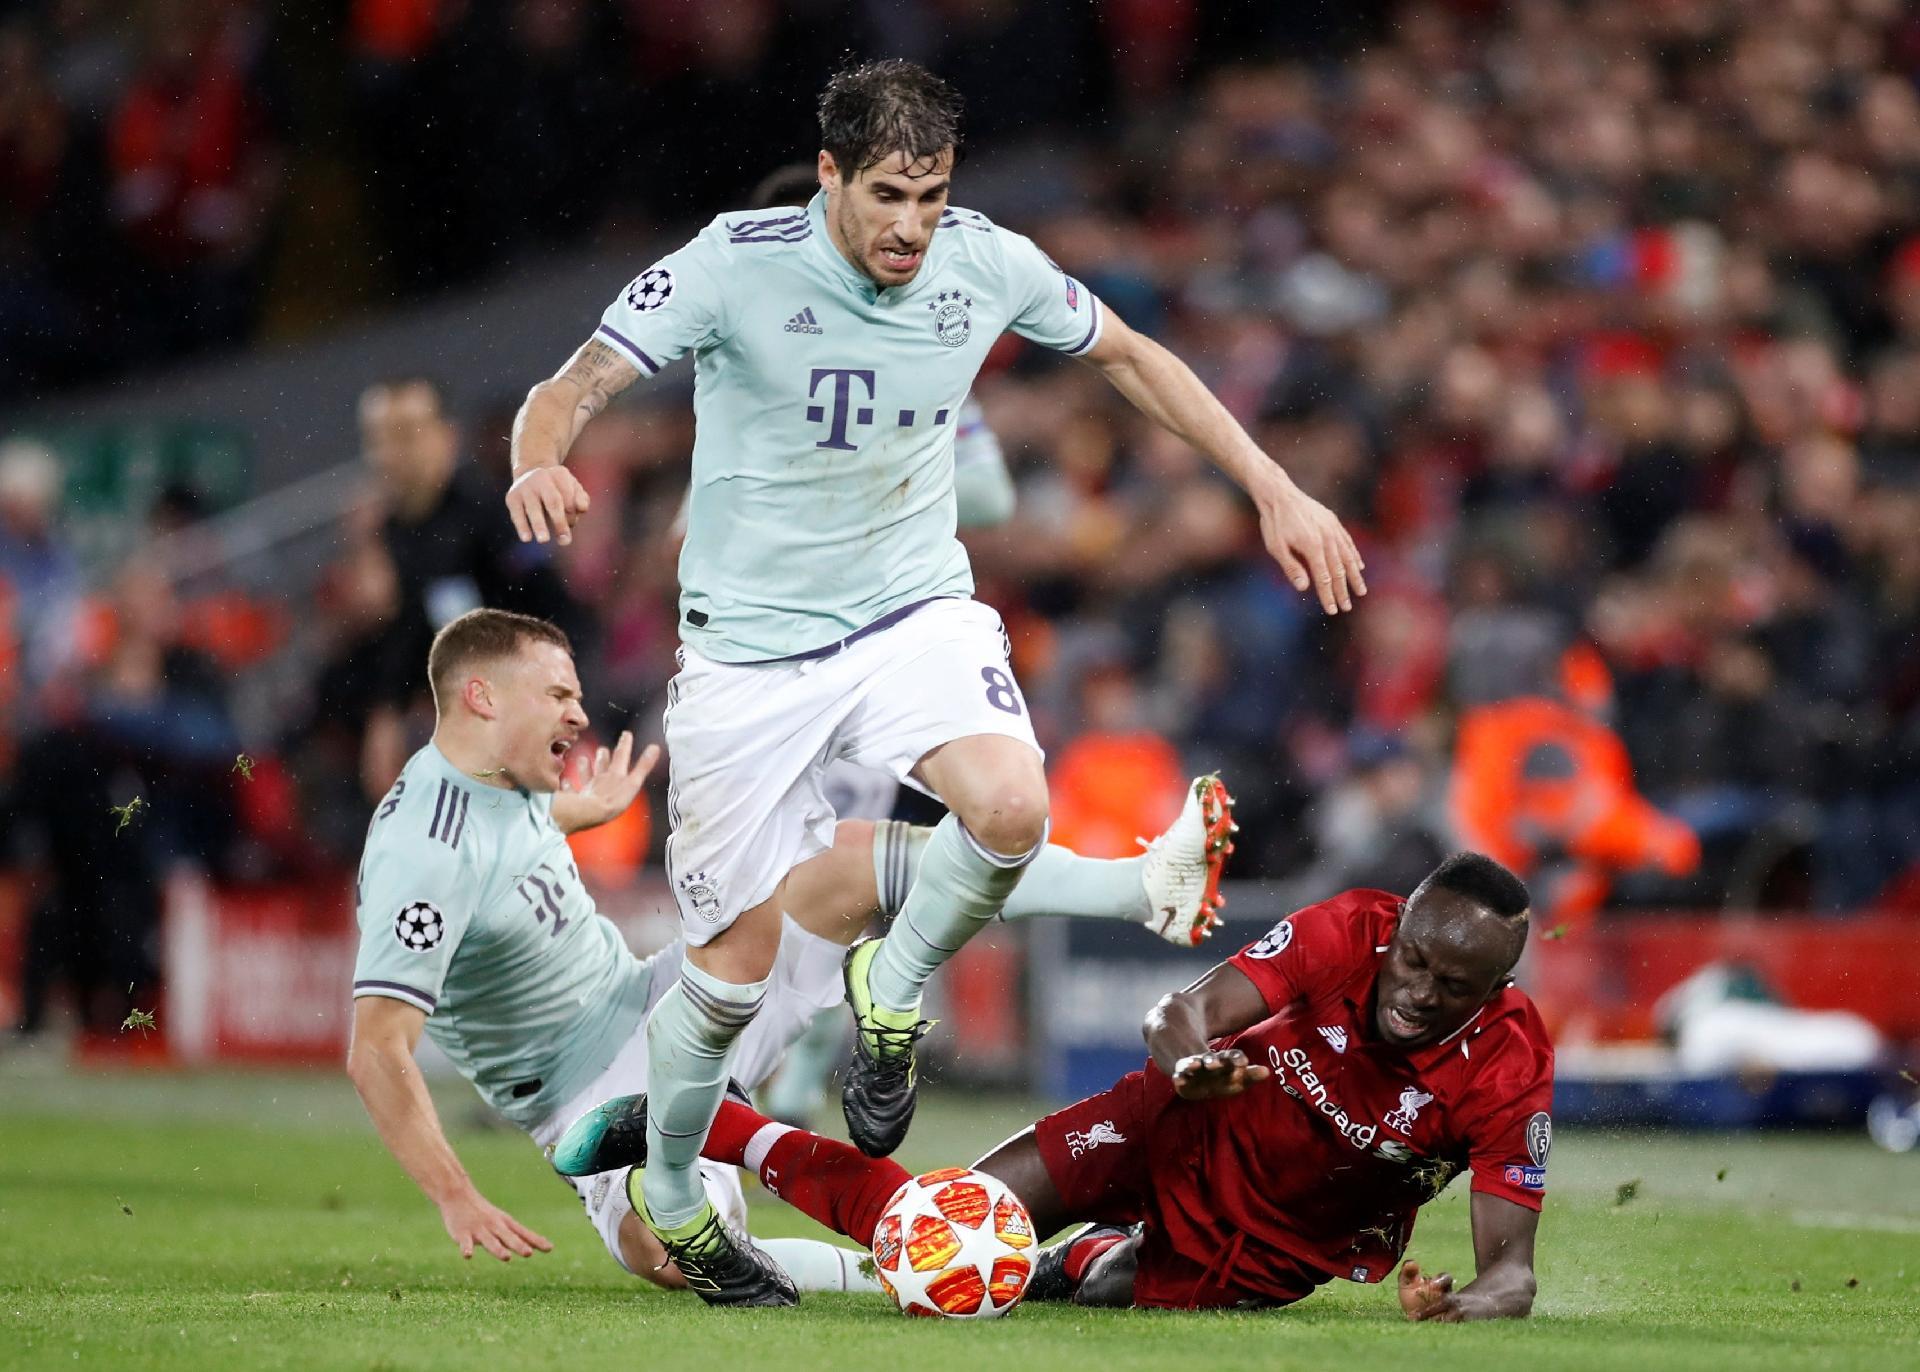 ab31db77f4 Bayern segura desfalcado Liverpool e leva empate para a Alemanha -  19 02 2019 - UOL Esporte